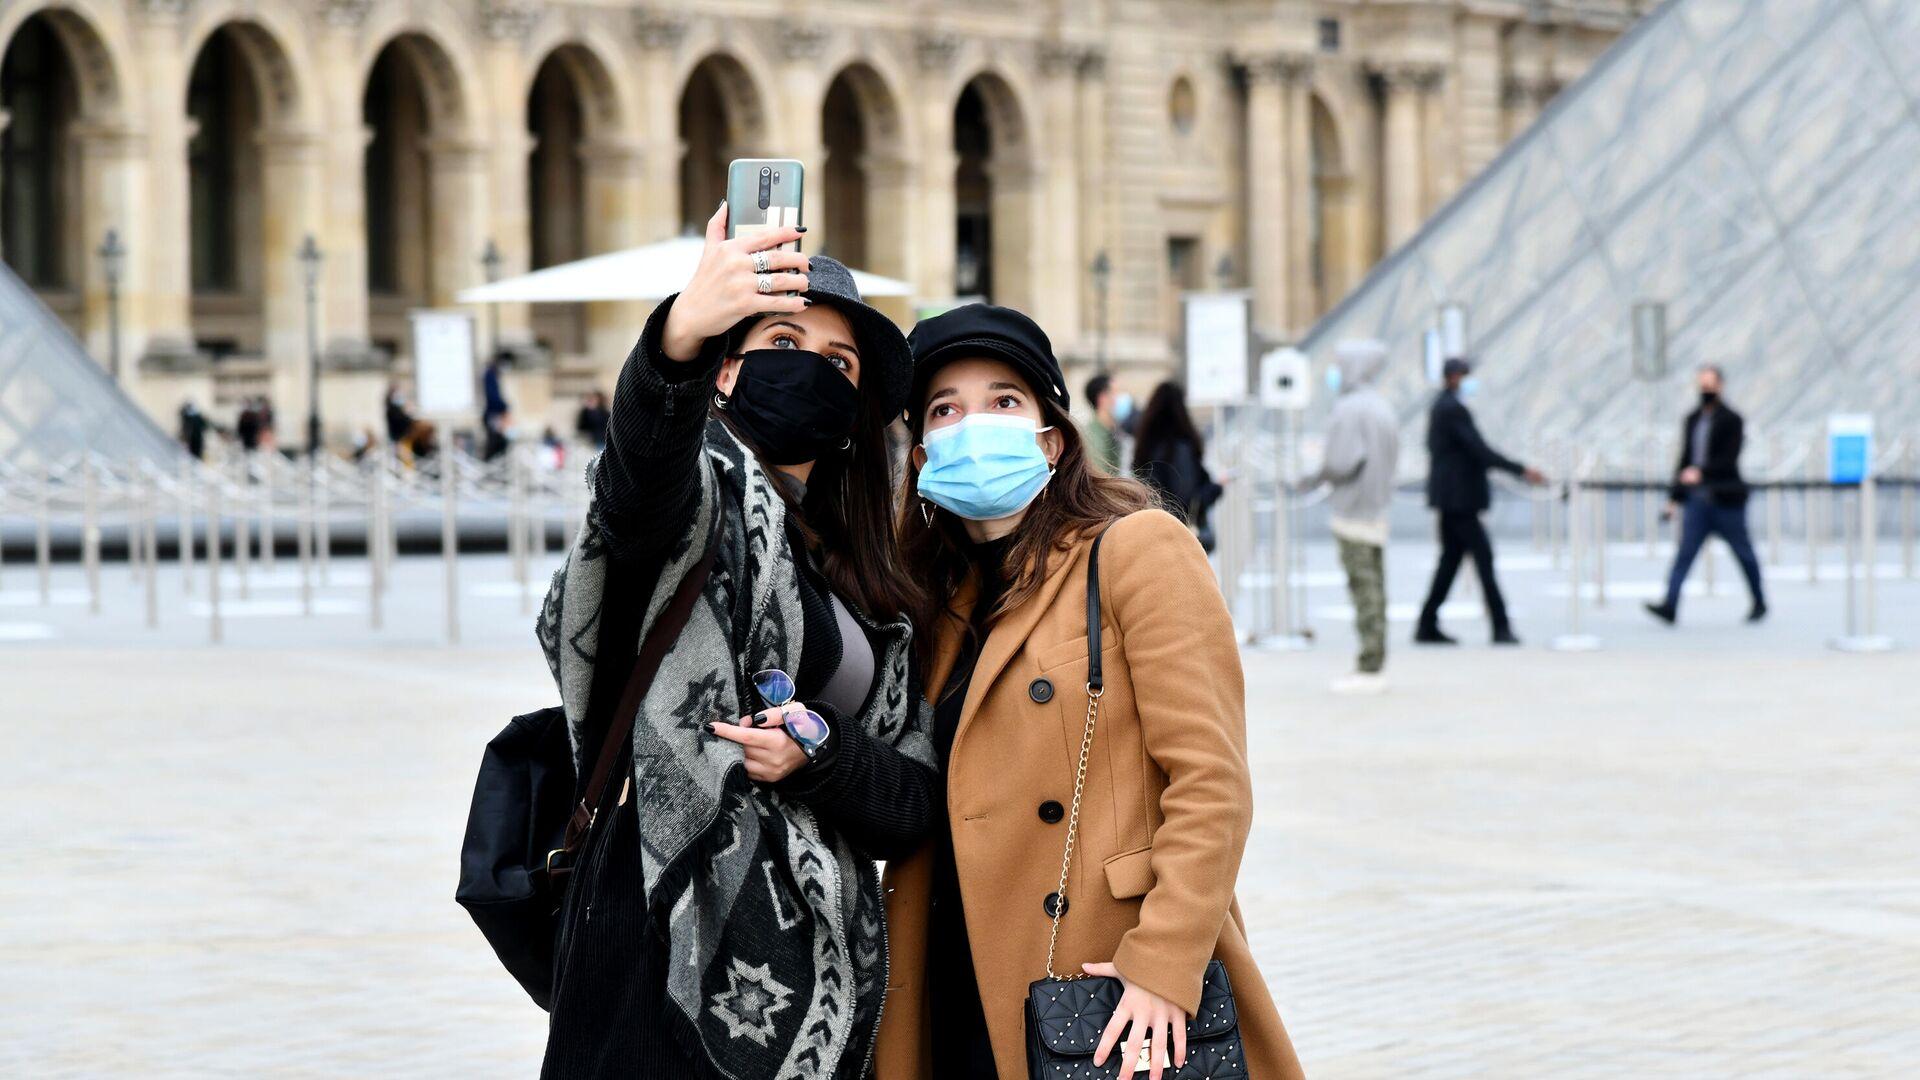 Девушки в масках фотографируются на площади у входа в музей Лувр в Париже - РИА Новости, 1920, 13.03.2021